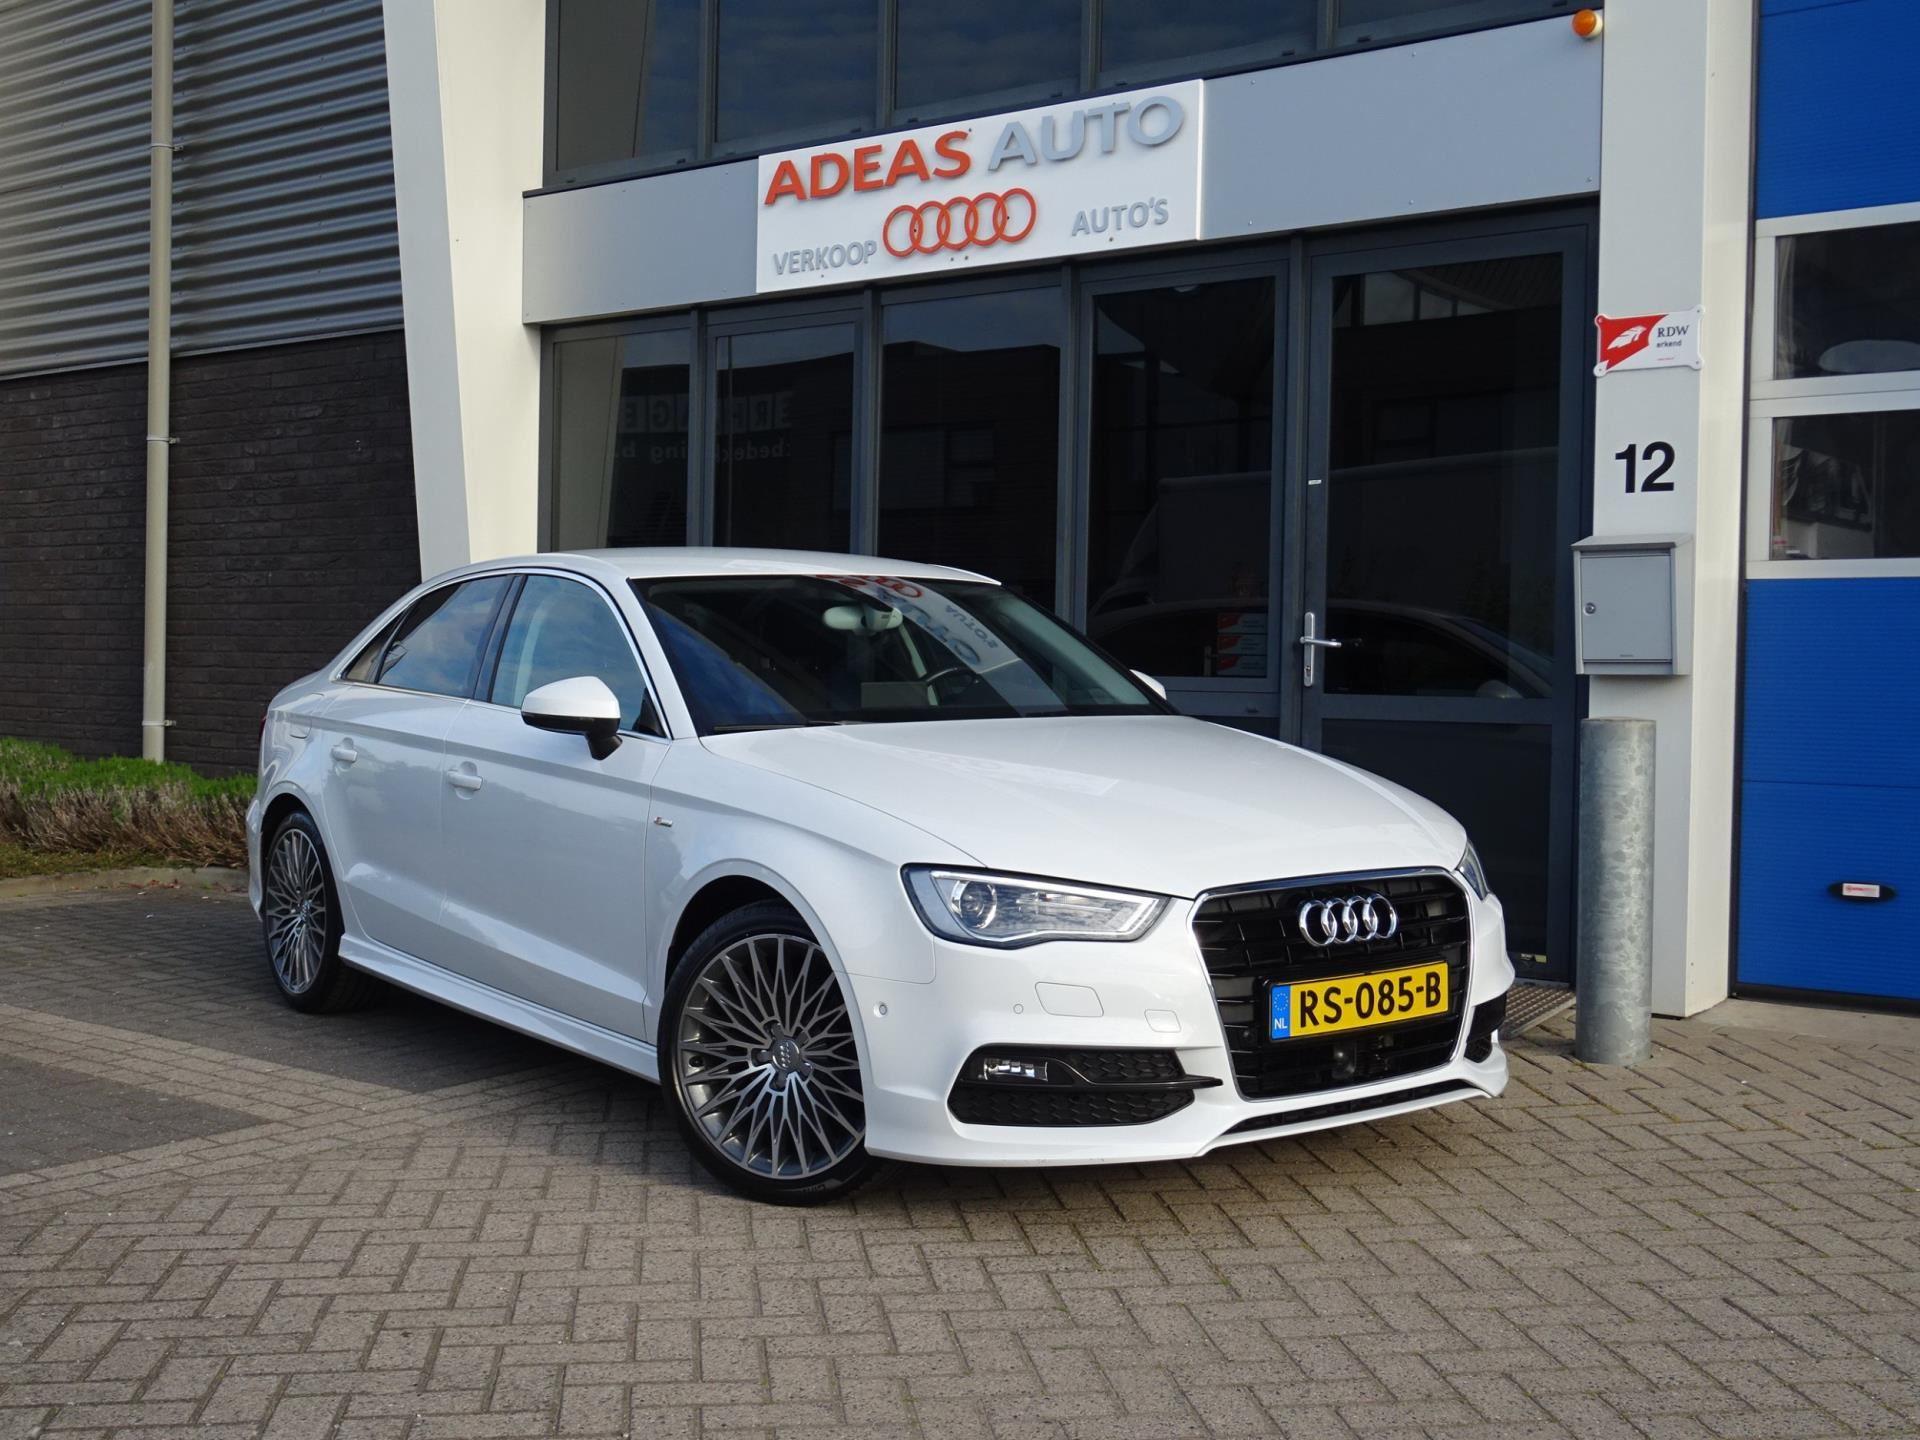 Audi A3 Limousine occasion - Adeas Auto